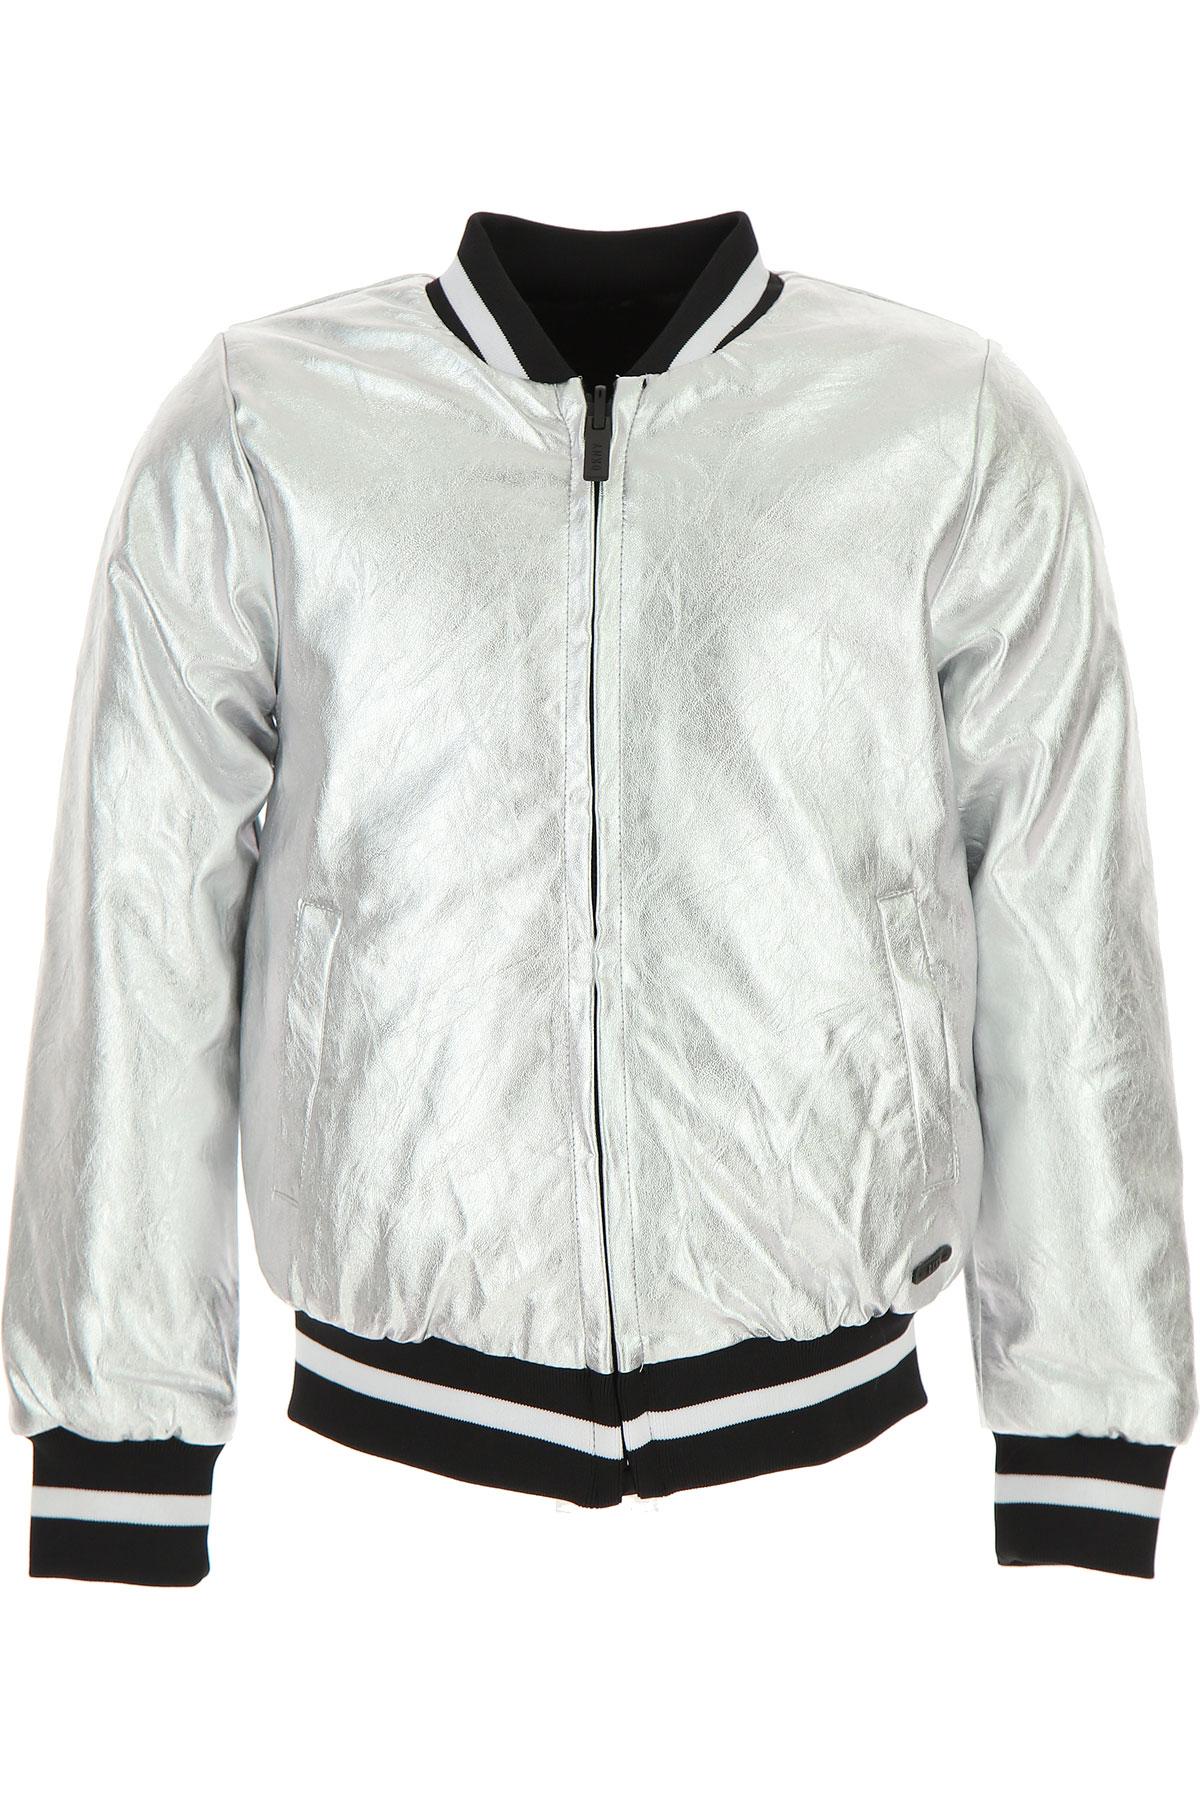 Image of DKNY Kids Jacket for Girls, Silver, Coating Polyurethane, 2017, 14Y 16Y 8Y